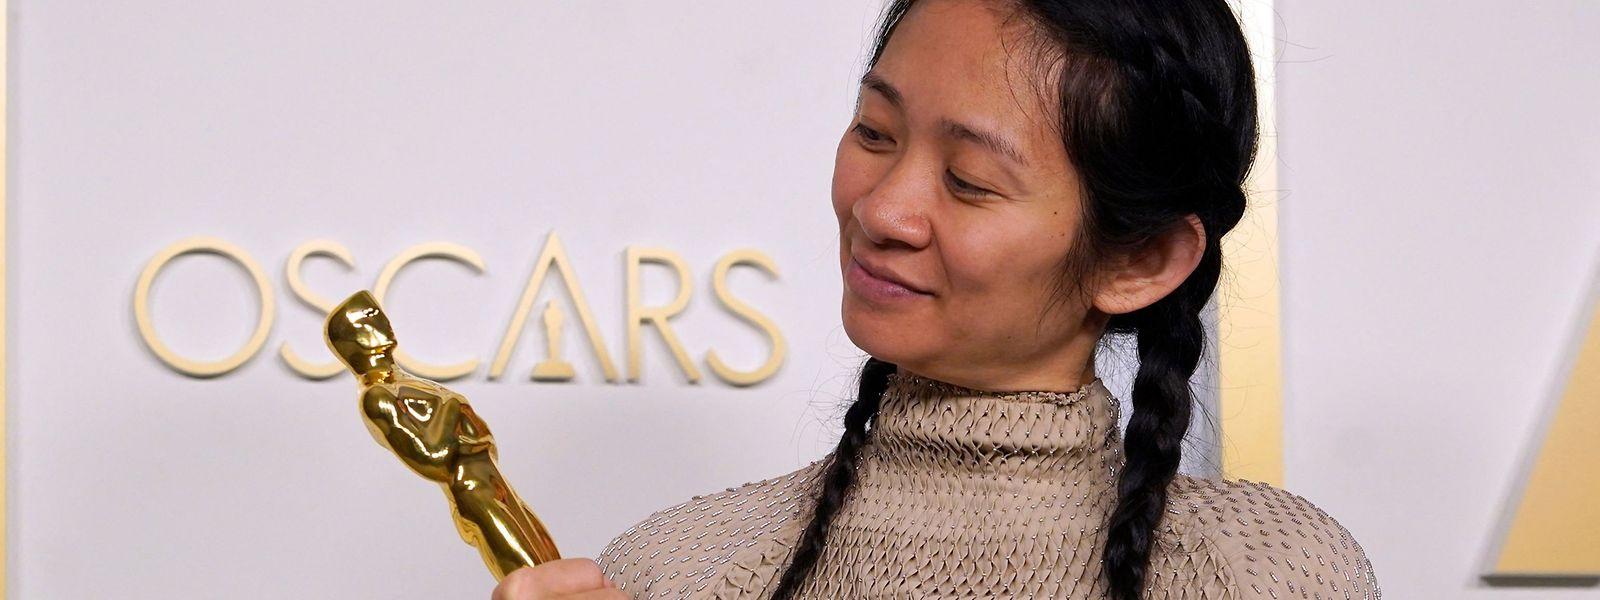 Chloé Zhao studierte im Land des Erzrivalen Chinas, in den USA: Politikwissenschaften in Massachusetts, Filmregie in New York. Dort wurde sie nun auch für ihren Film ausgezeichnet.